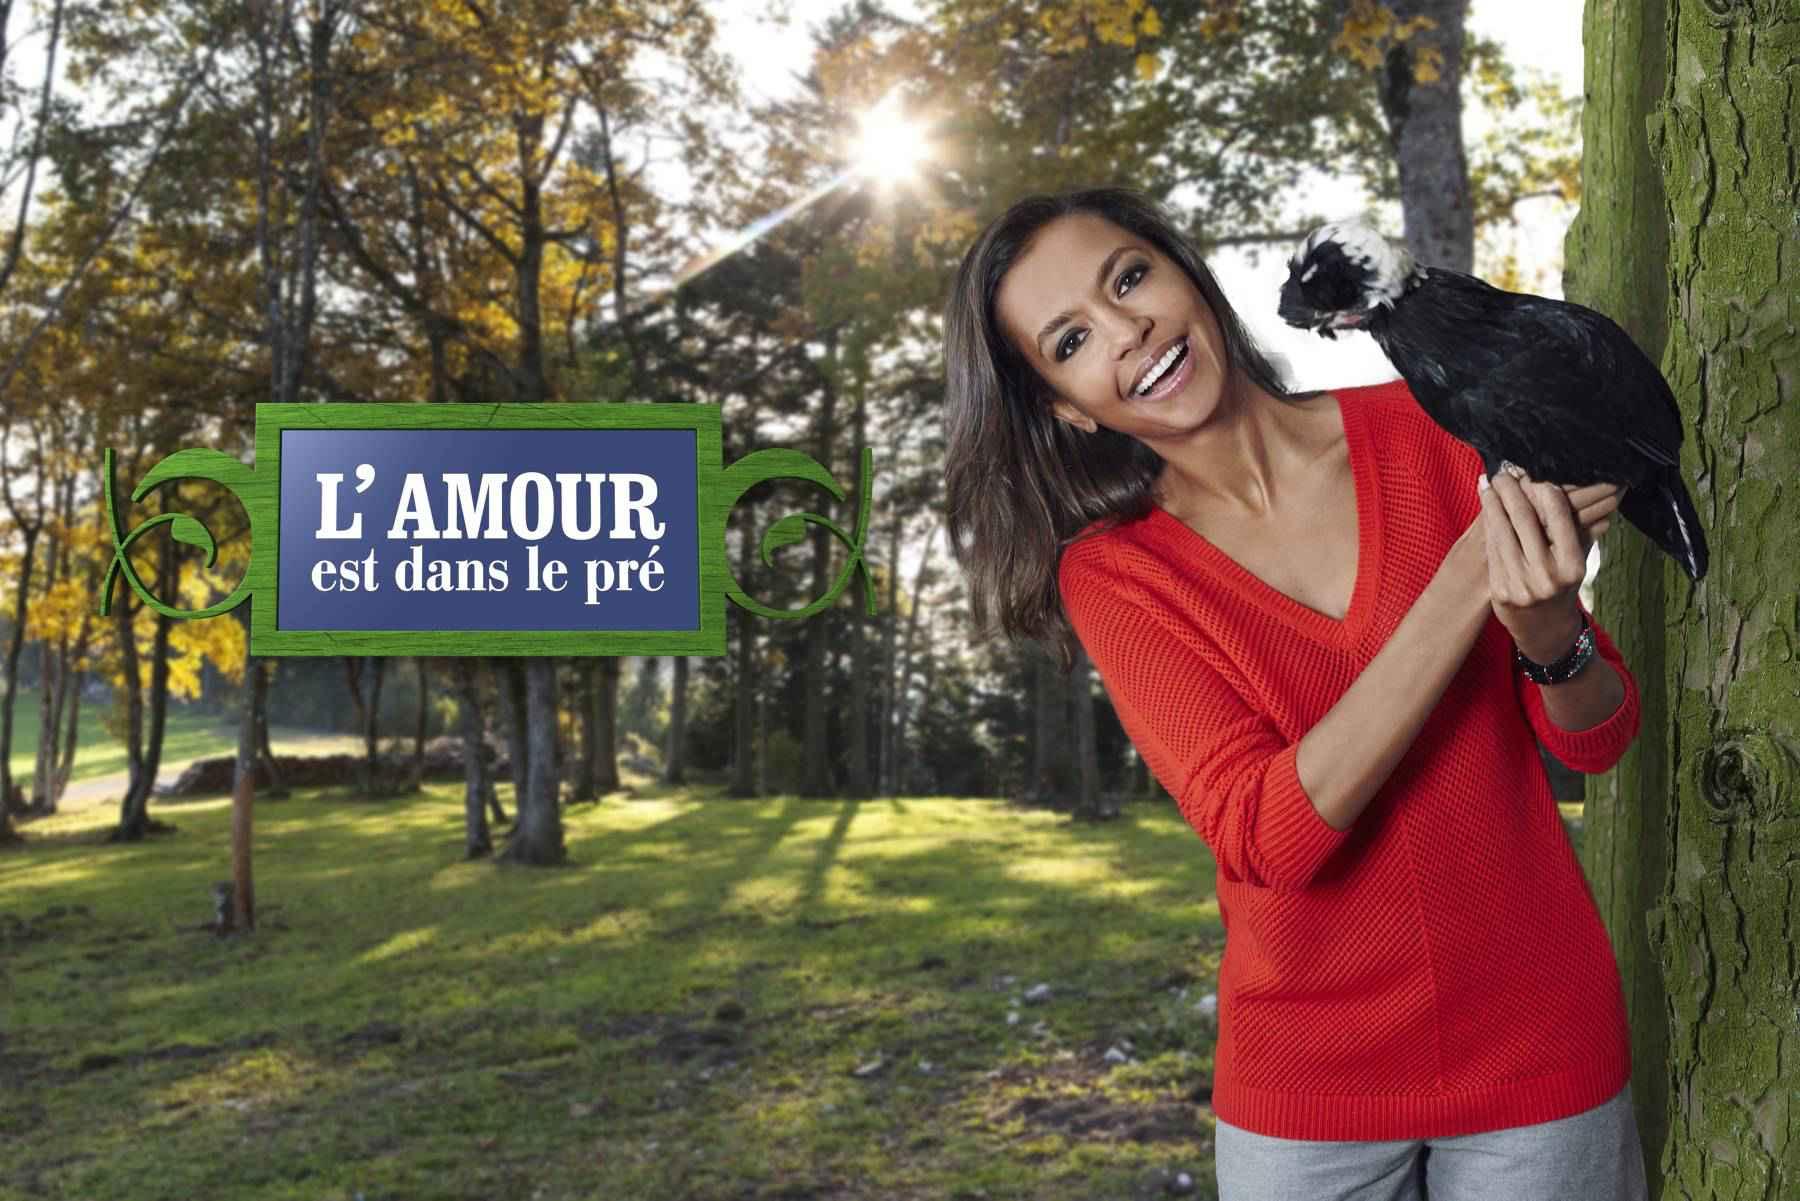 2048x1536-fit_parti-saison-9-amour-pre